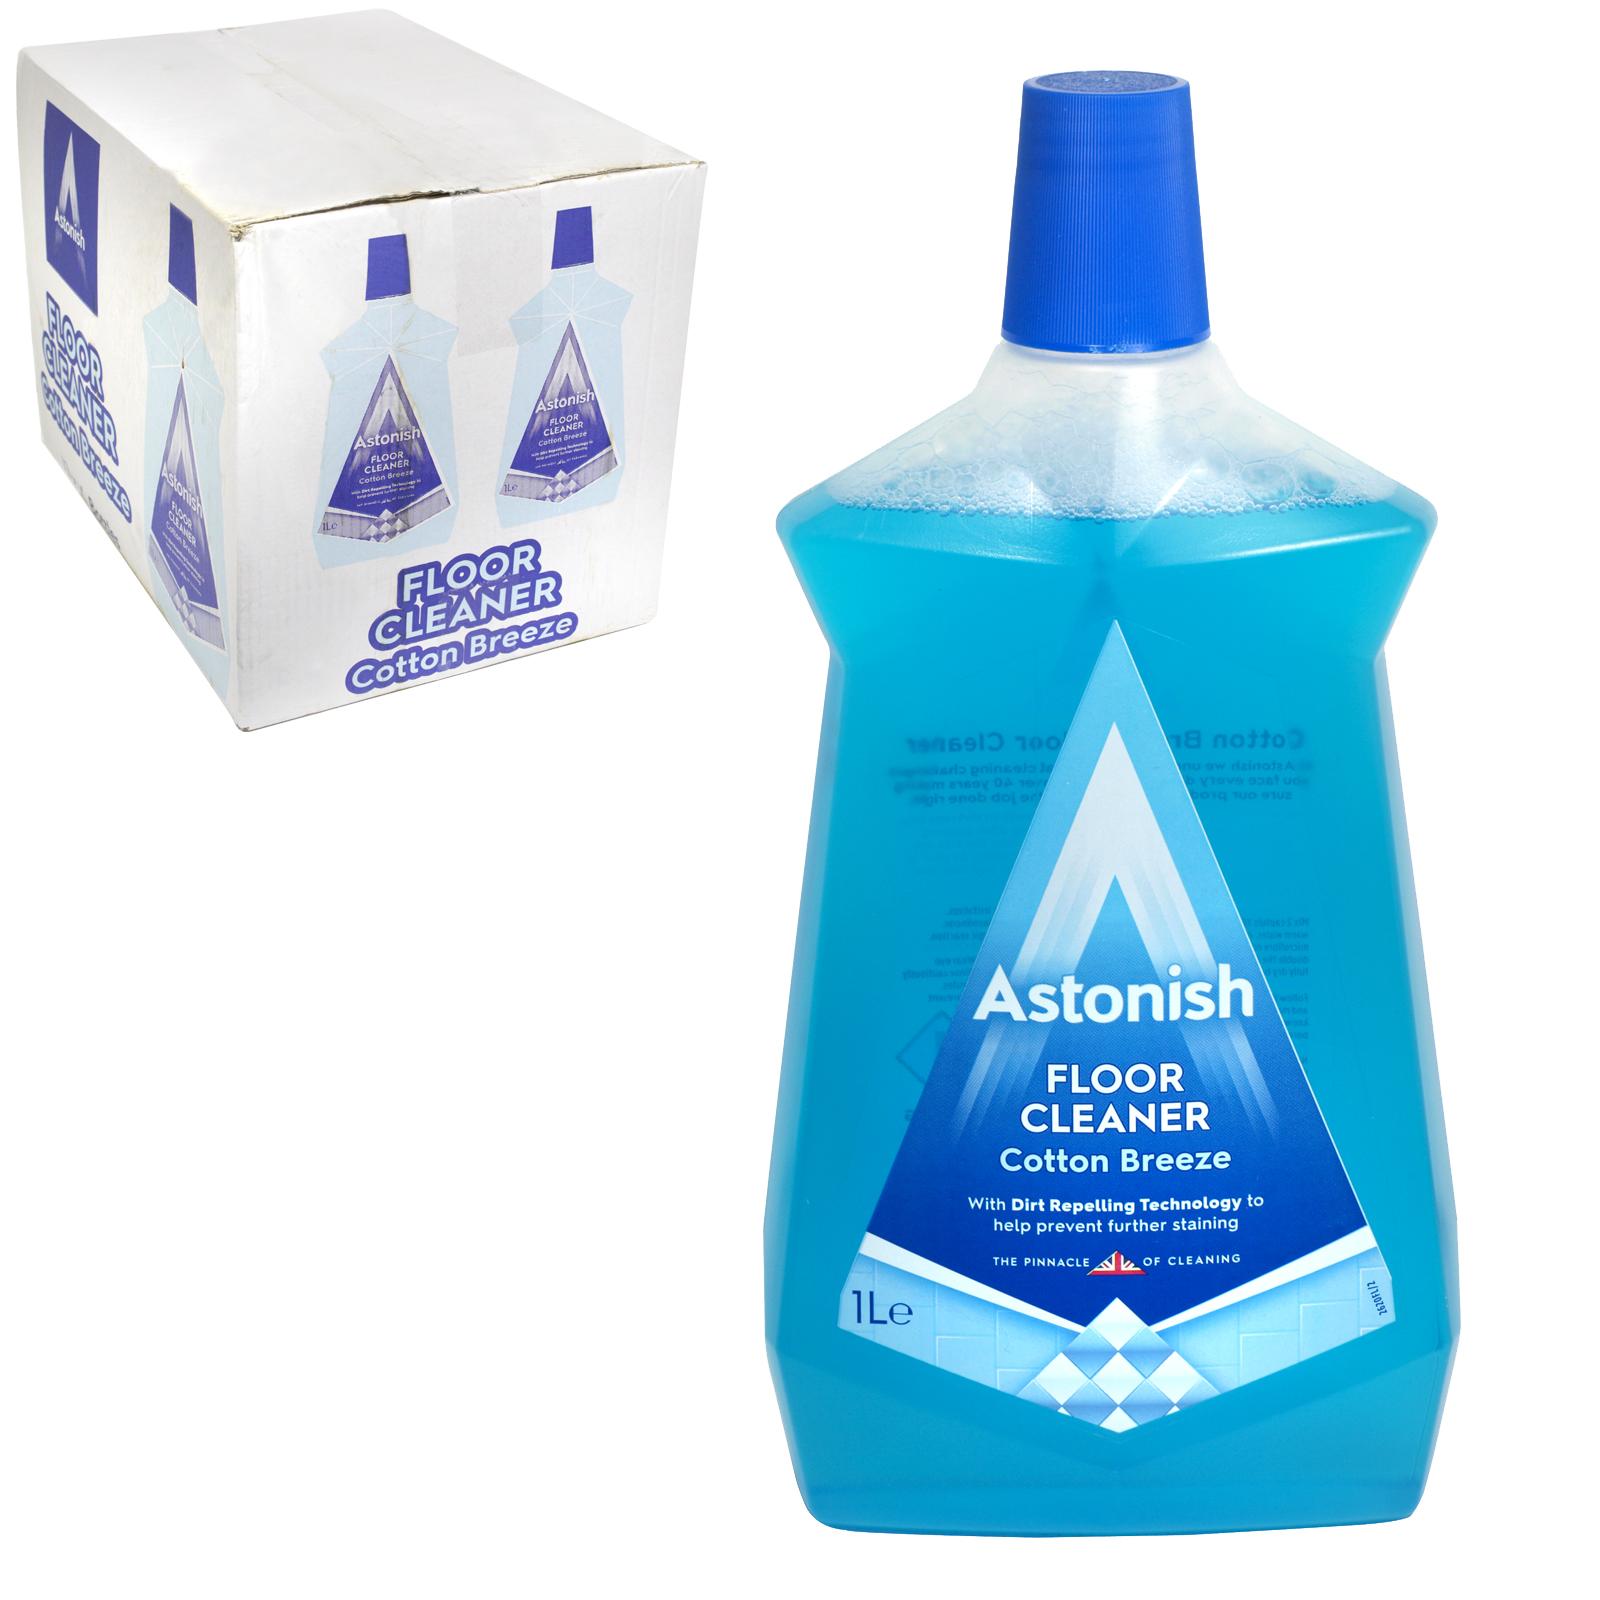 ASTONISH 1L FLOOR CLEANER COTTON BREEZE X12